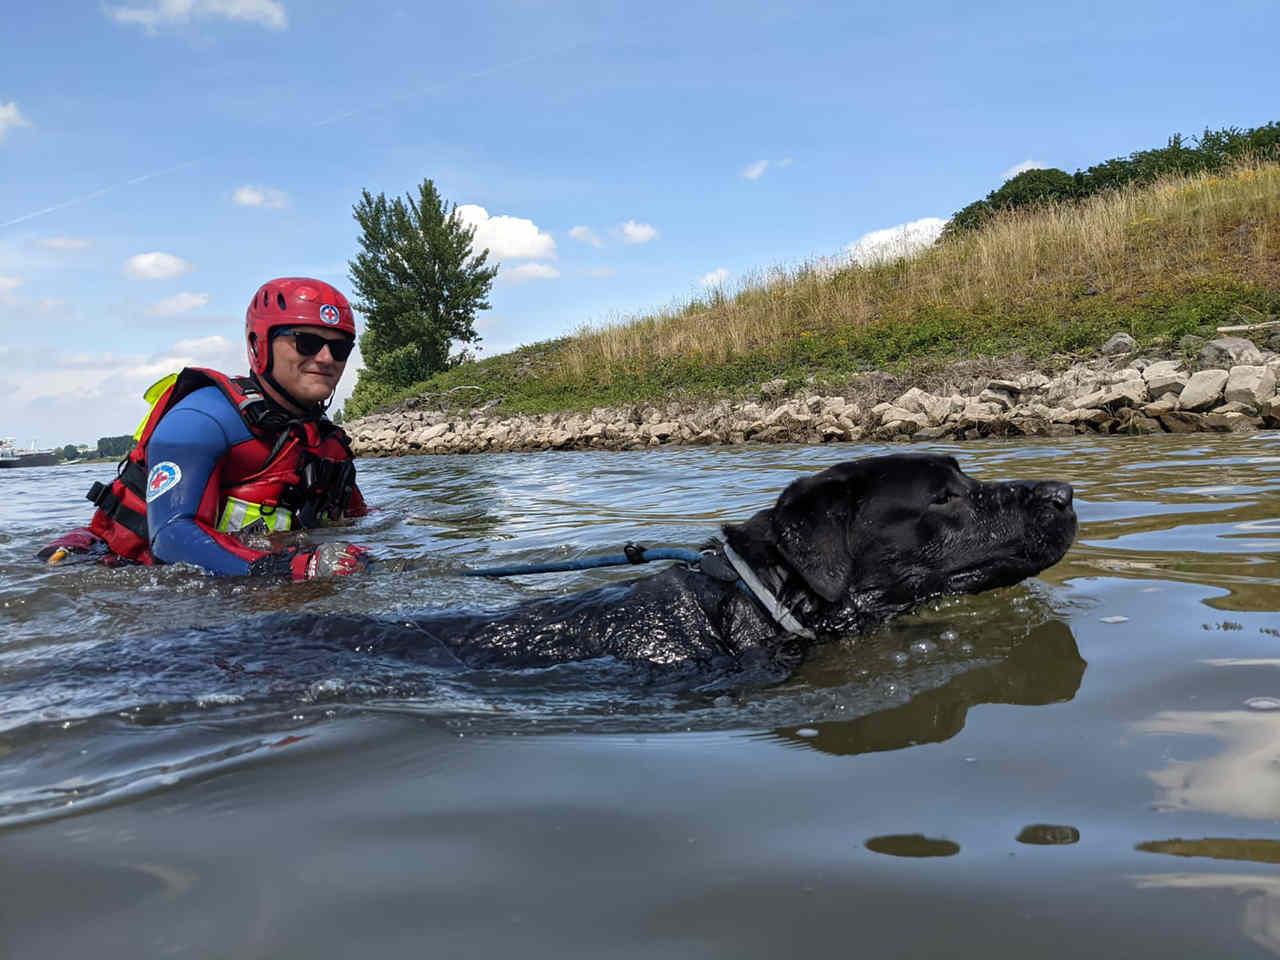 Gemeinsamer DRK-Übungstag auf dem Wasser